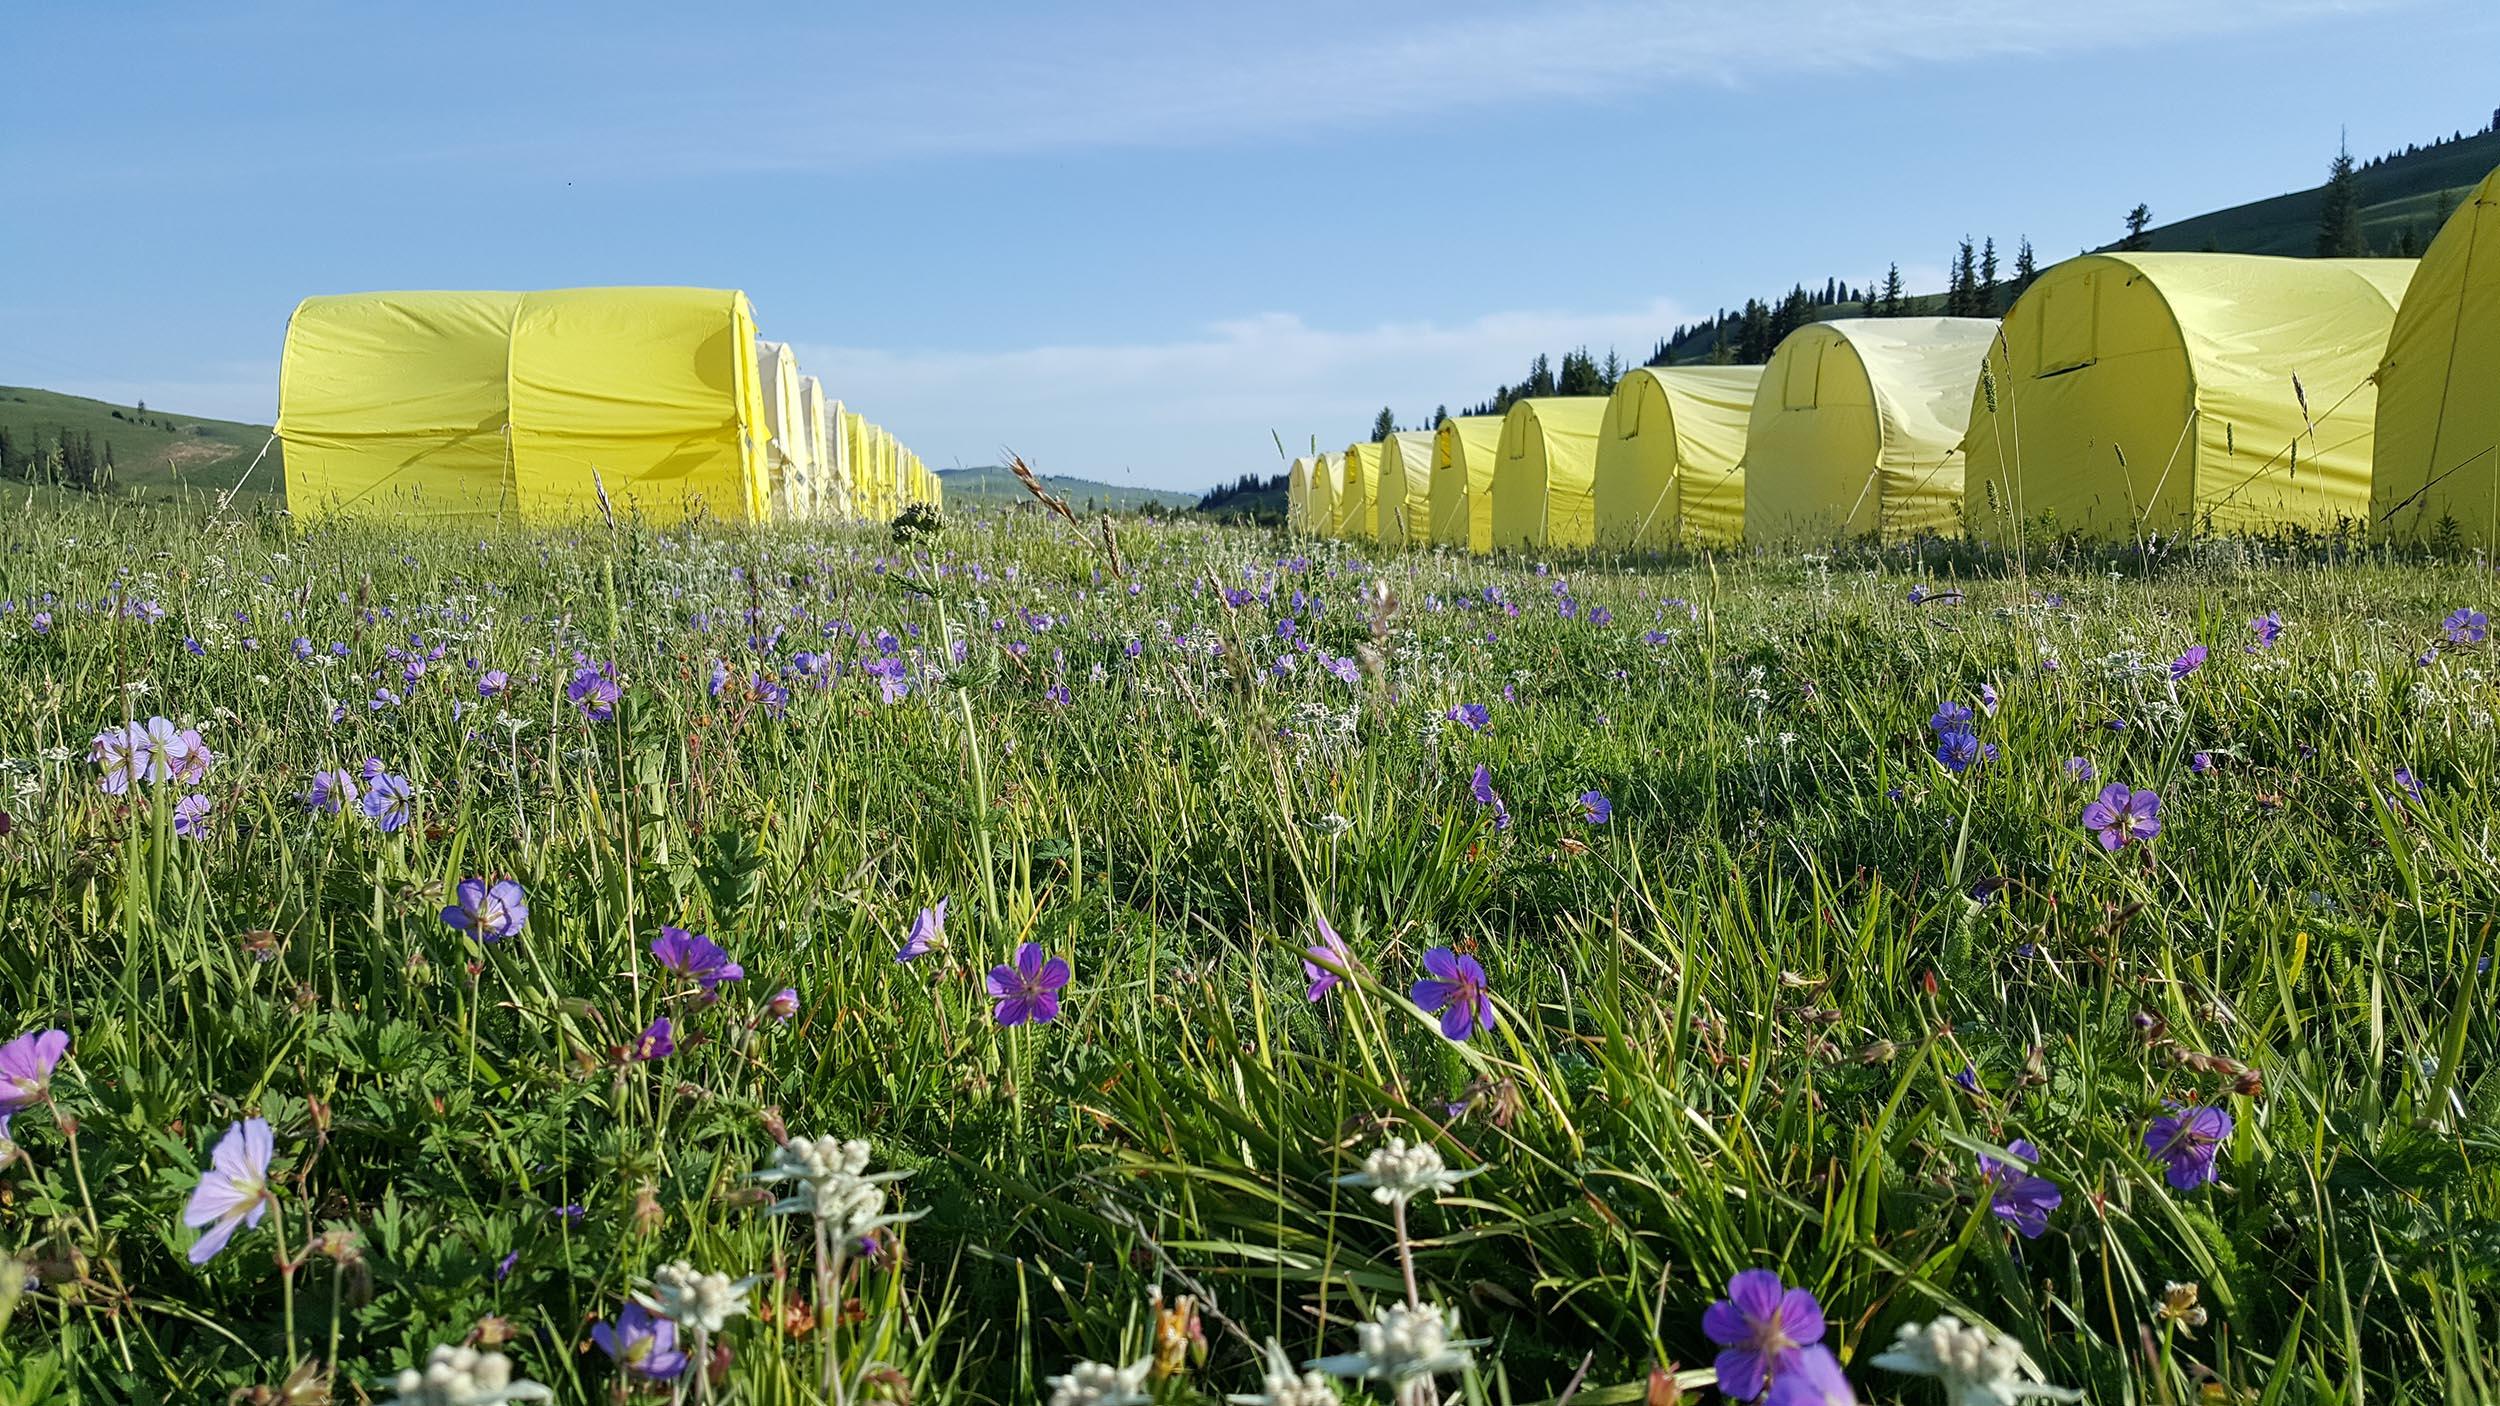 Karkara Camp